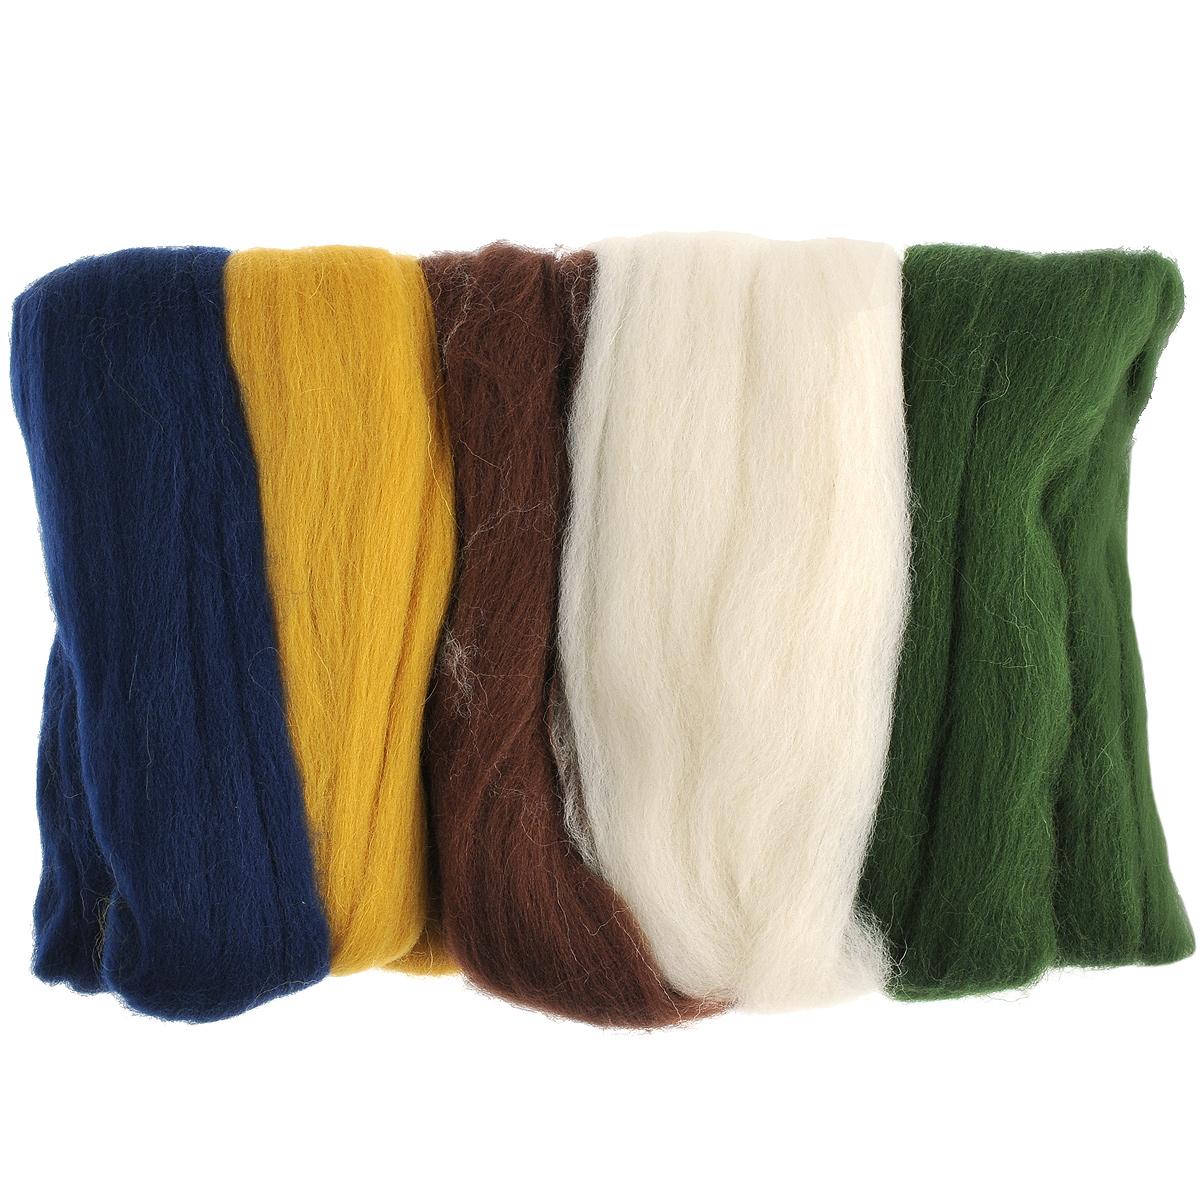 Шерсть для валяния RTO, 100 г. 376003376003Шерсть для валяния RTO идеально подходит для сухого и мокрого валяния. Шерсть RTO не линяет при валянии и последующей стирке, легко расчесывается и разделяется на пряди. Готовые изделия из шерсти RTO хорошо поддаются покраске и тонированию. Валяние шерсти - это особая техника рукоделия, в процессе которой из шерсти для валяния создается рисунок на ткани или войлоке, объемные игрушки, панно, декоративные элементы, предметы одежды или аксессуары. Только натуральная шерсть обладает способностью сваливаться или свойлачиваться. В наборе - 5 цветов шерсти.